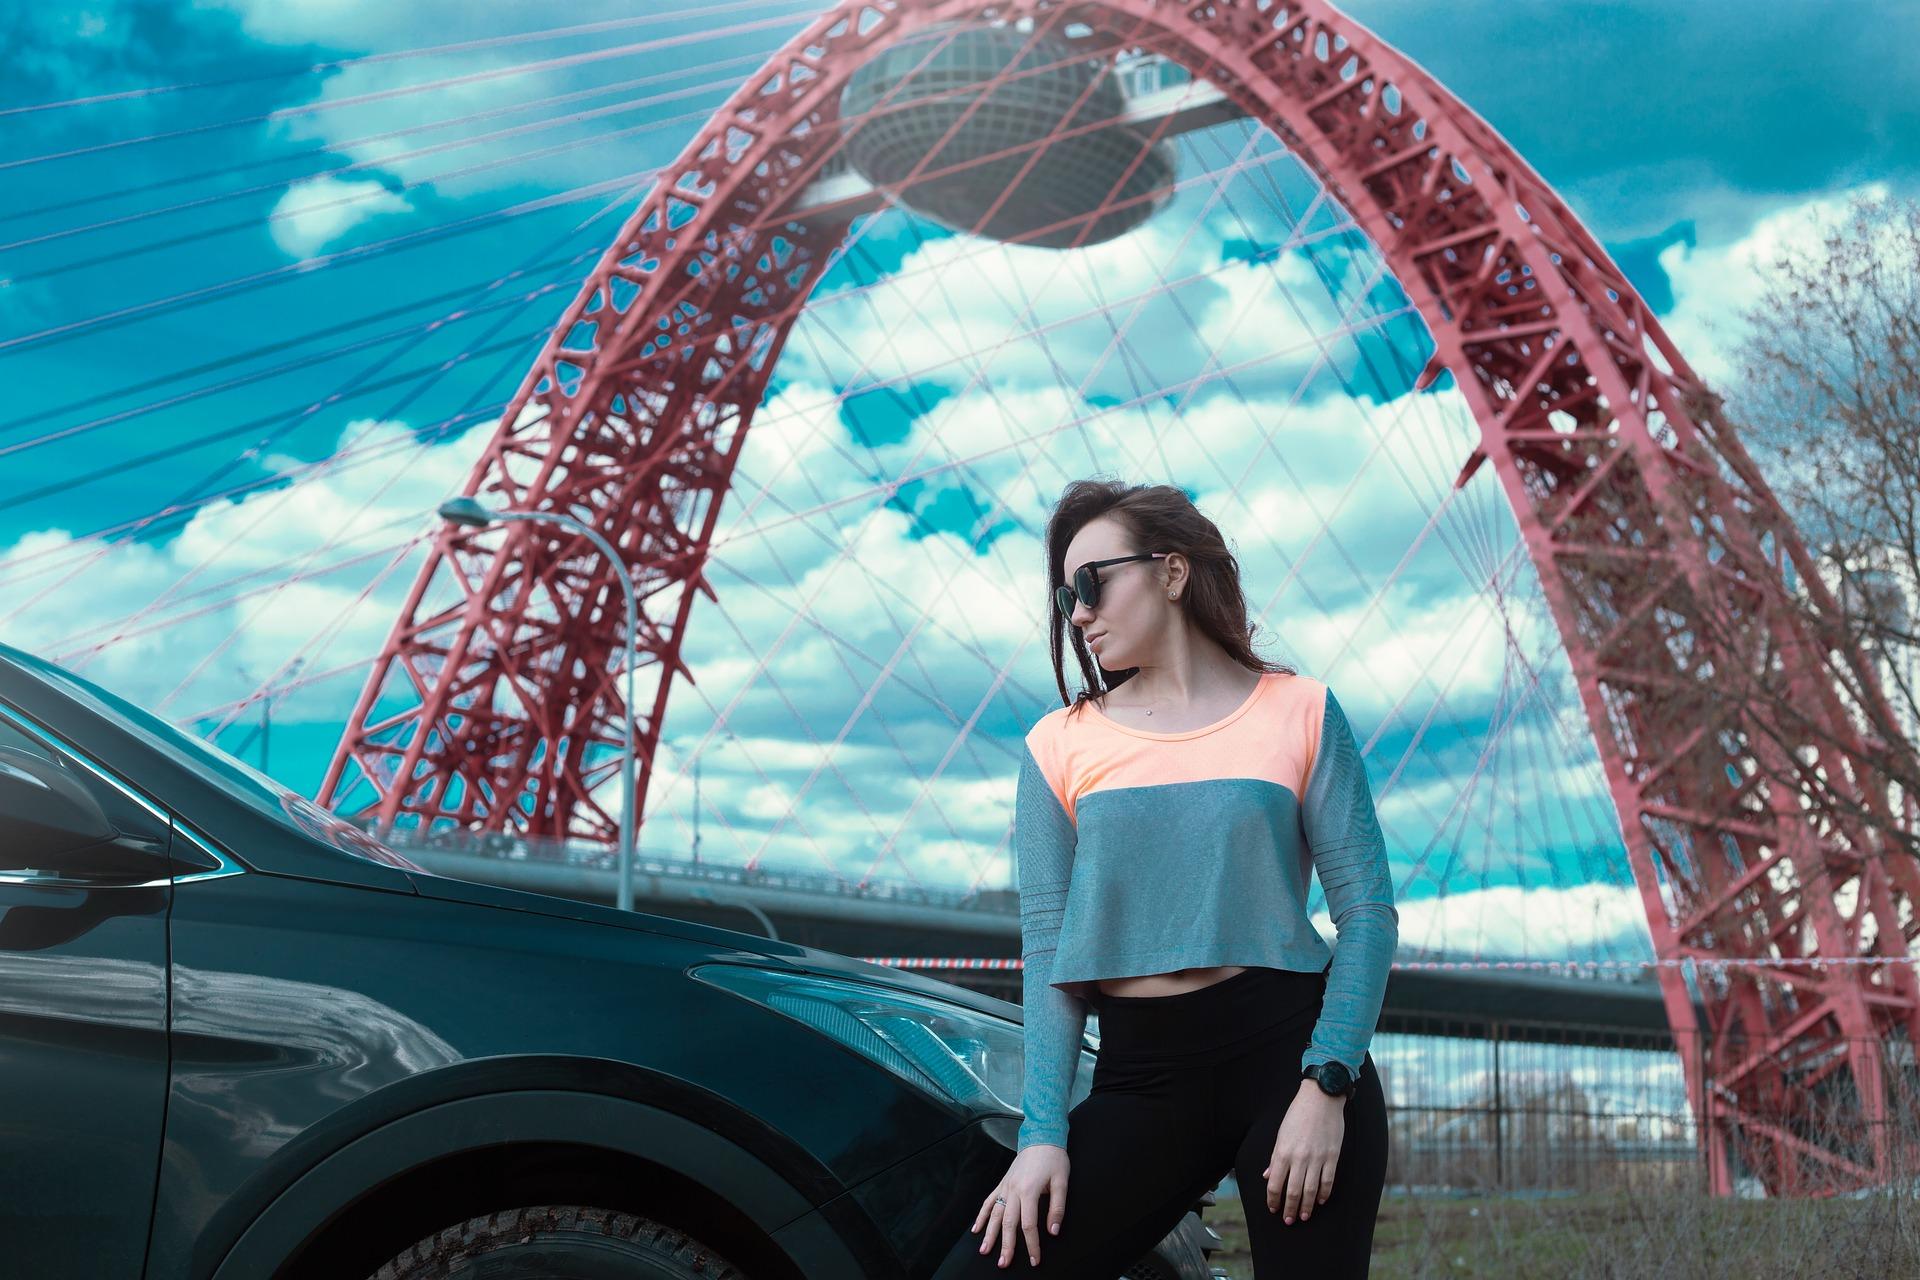 Photoshoot under the bridge